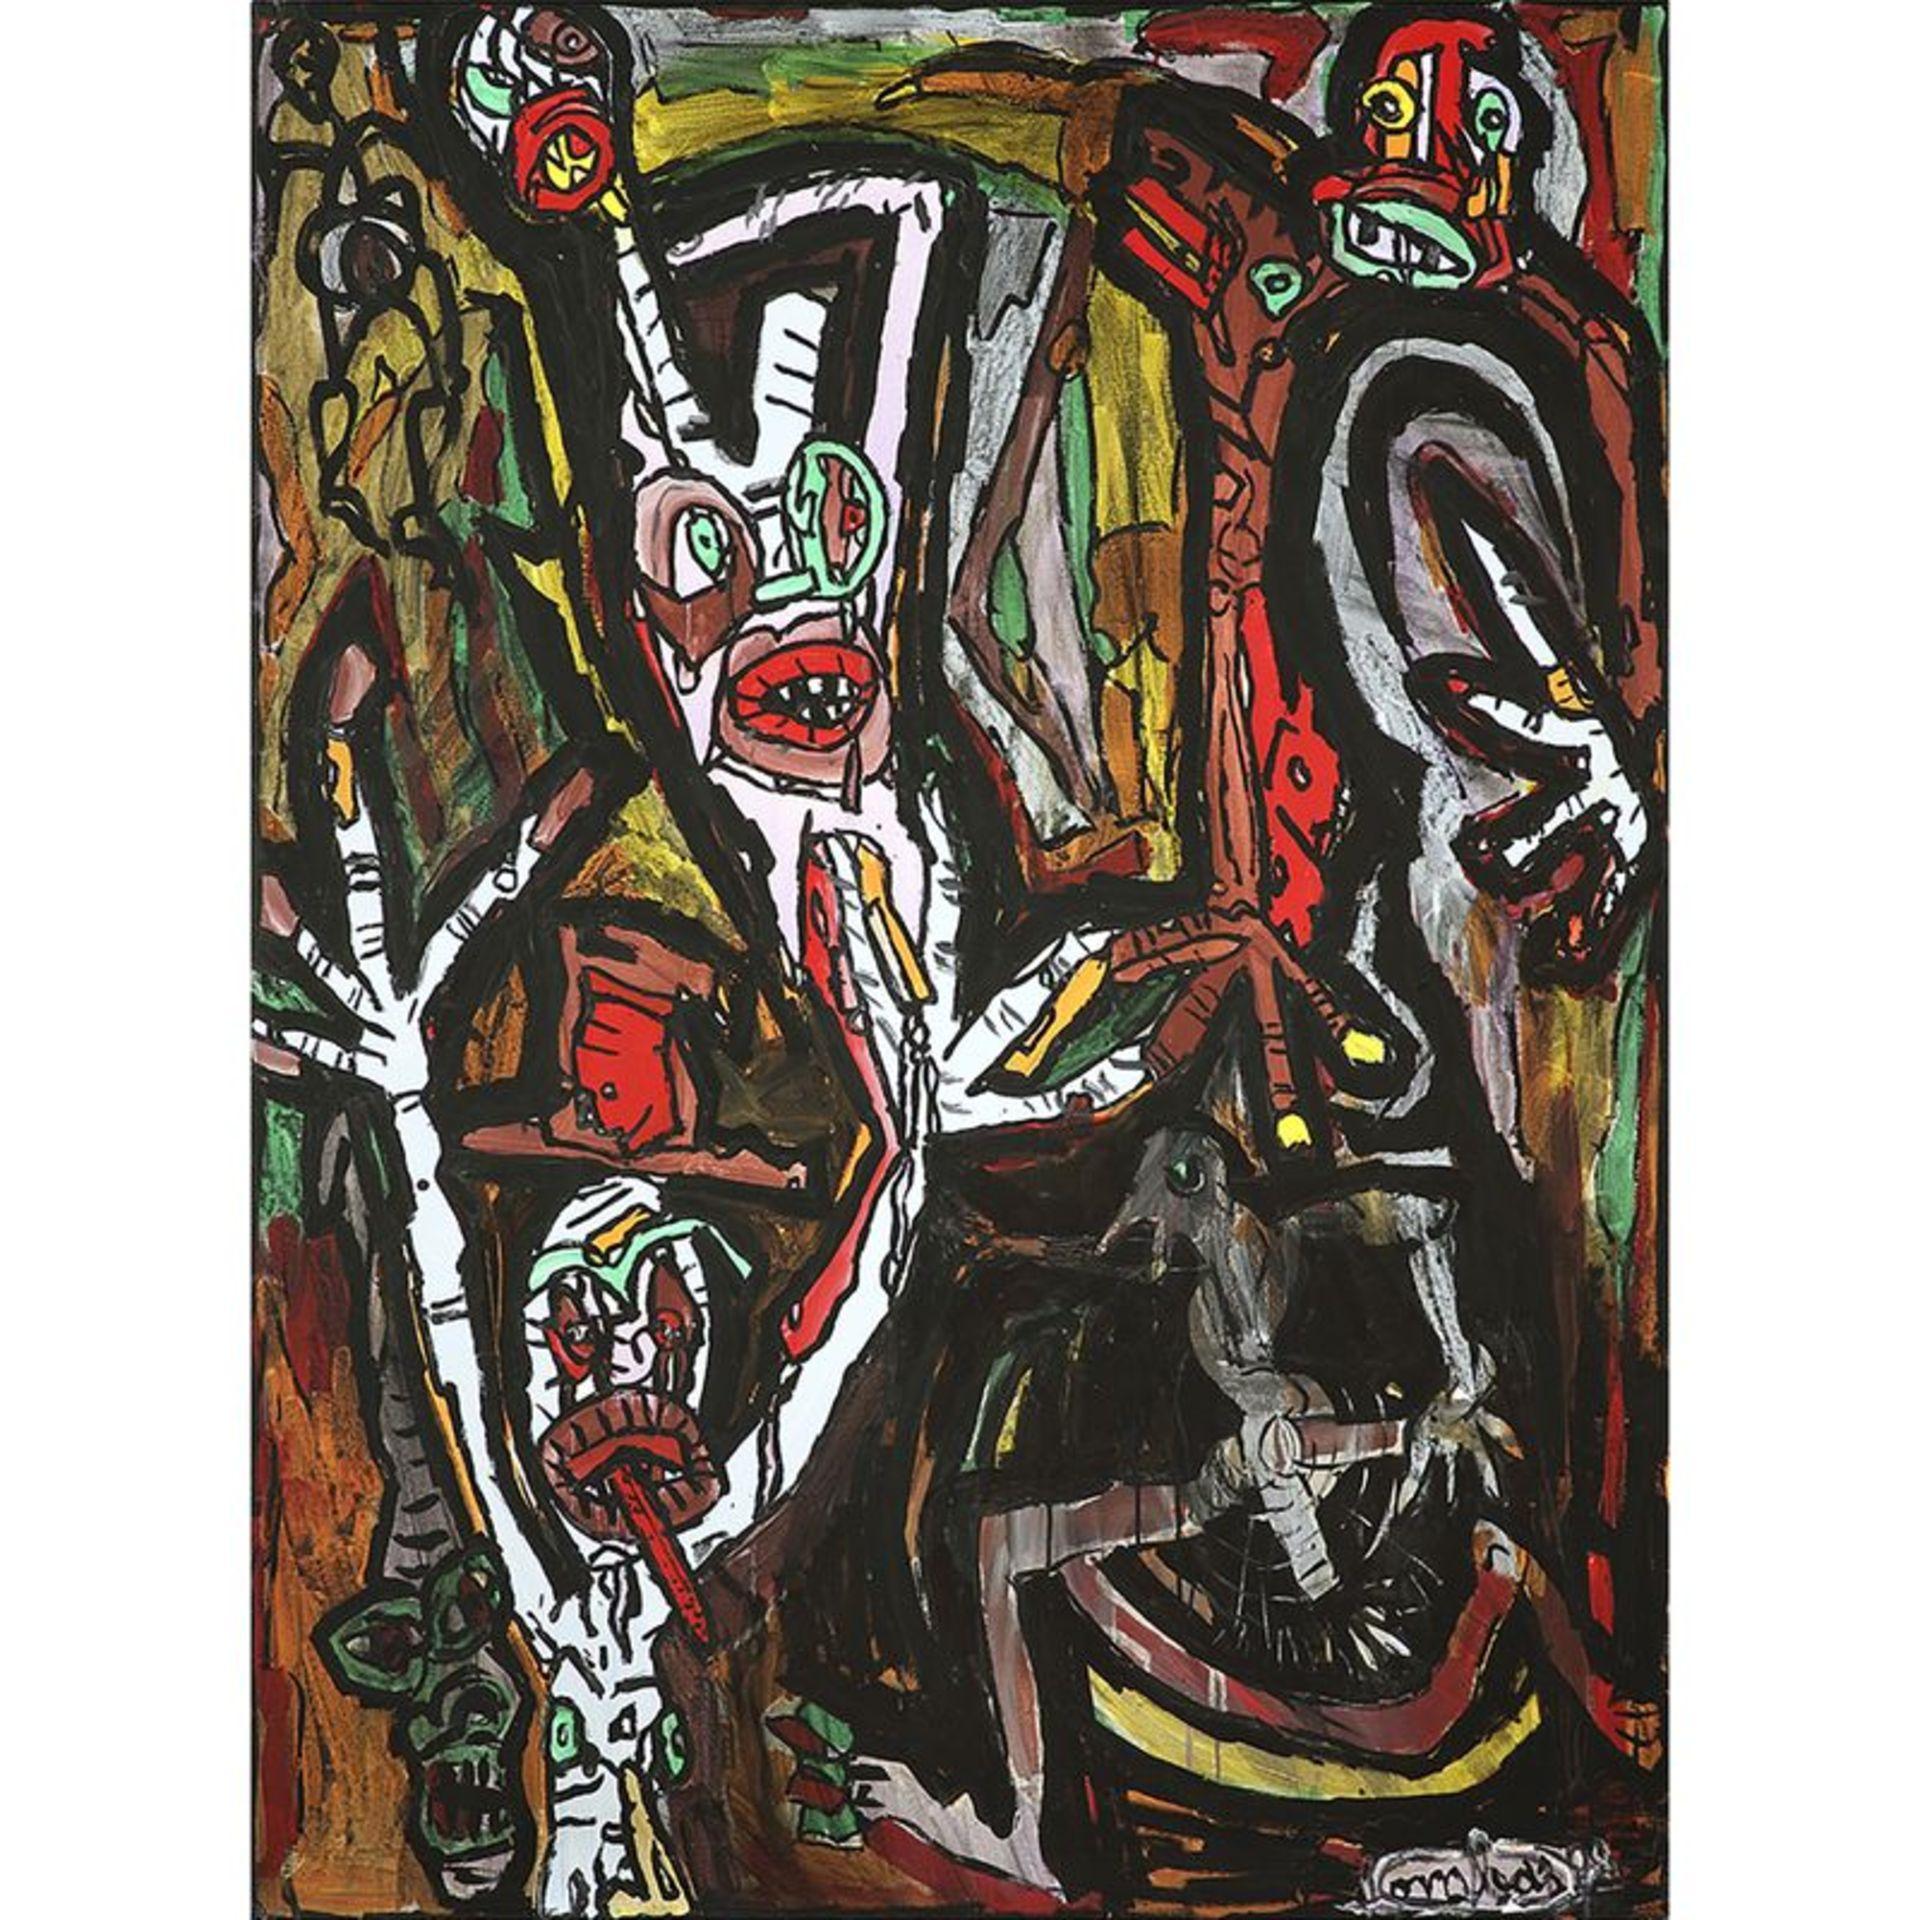 ROBERT COMBAS (né en 1957) - Sans titre, 1988 - Acrylique sur toile - Signé et [...]